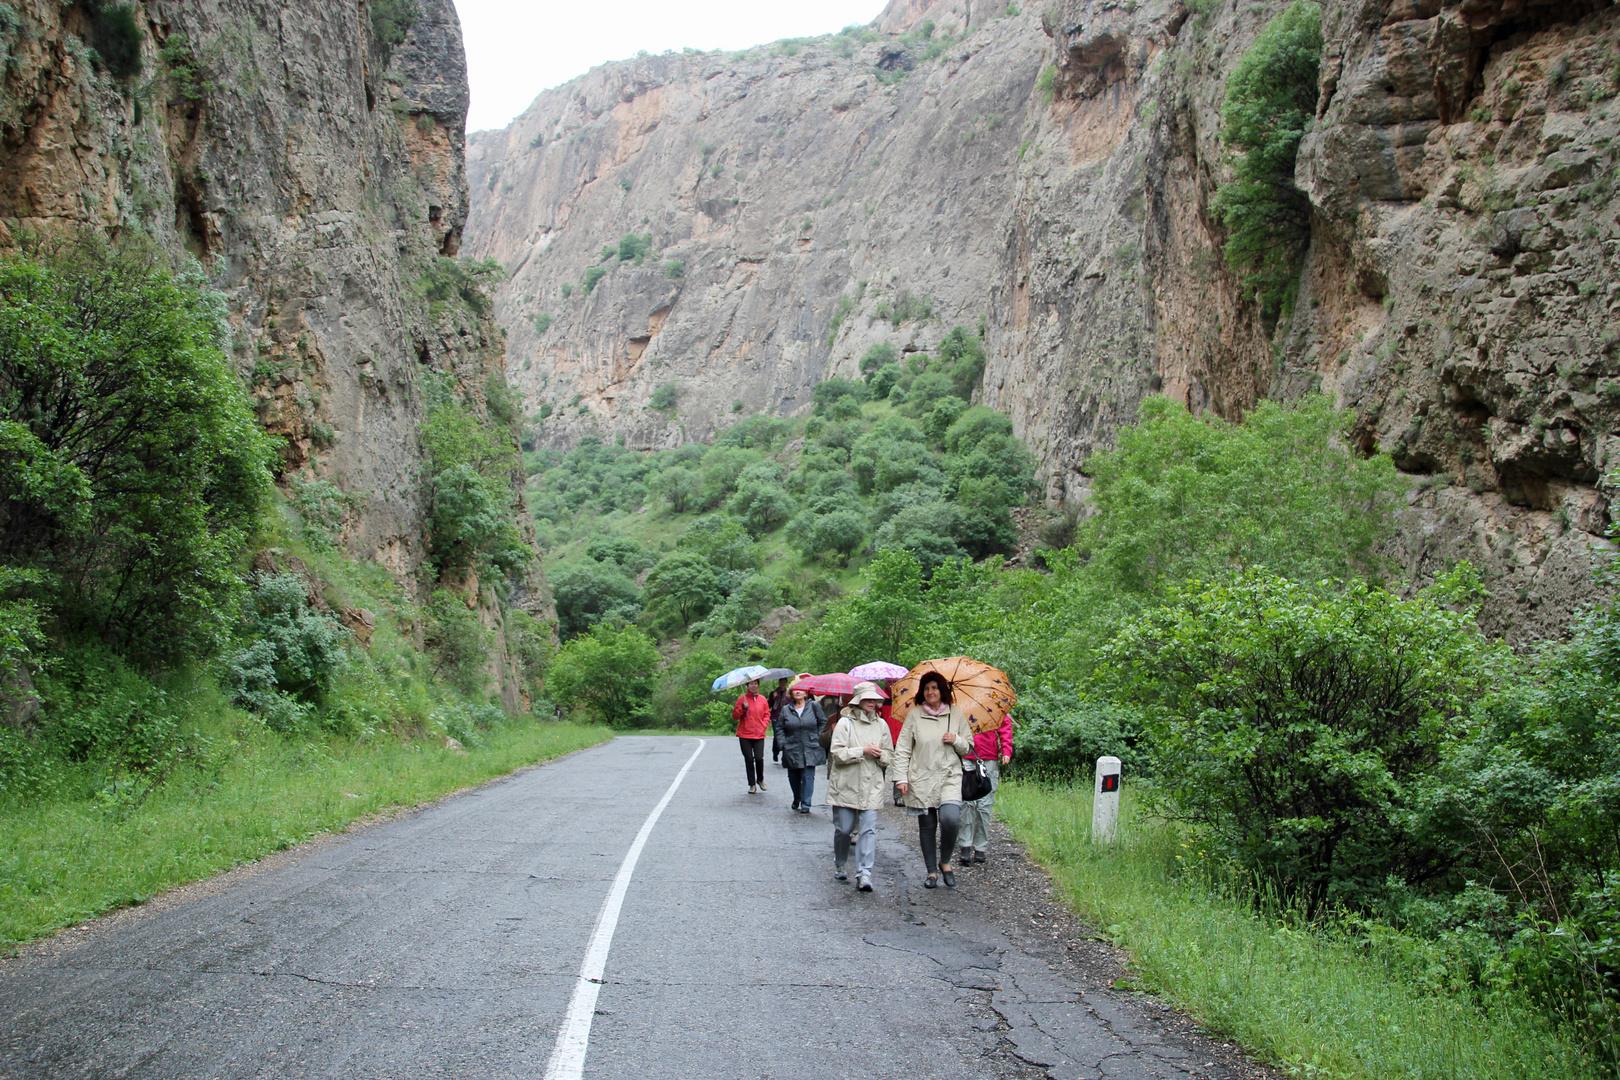 Armenien: Wanderung durch die Schlucht des Amaghu,